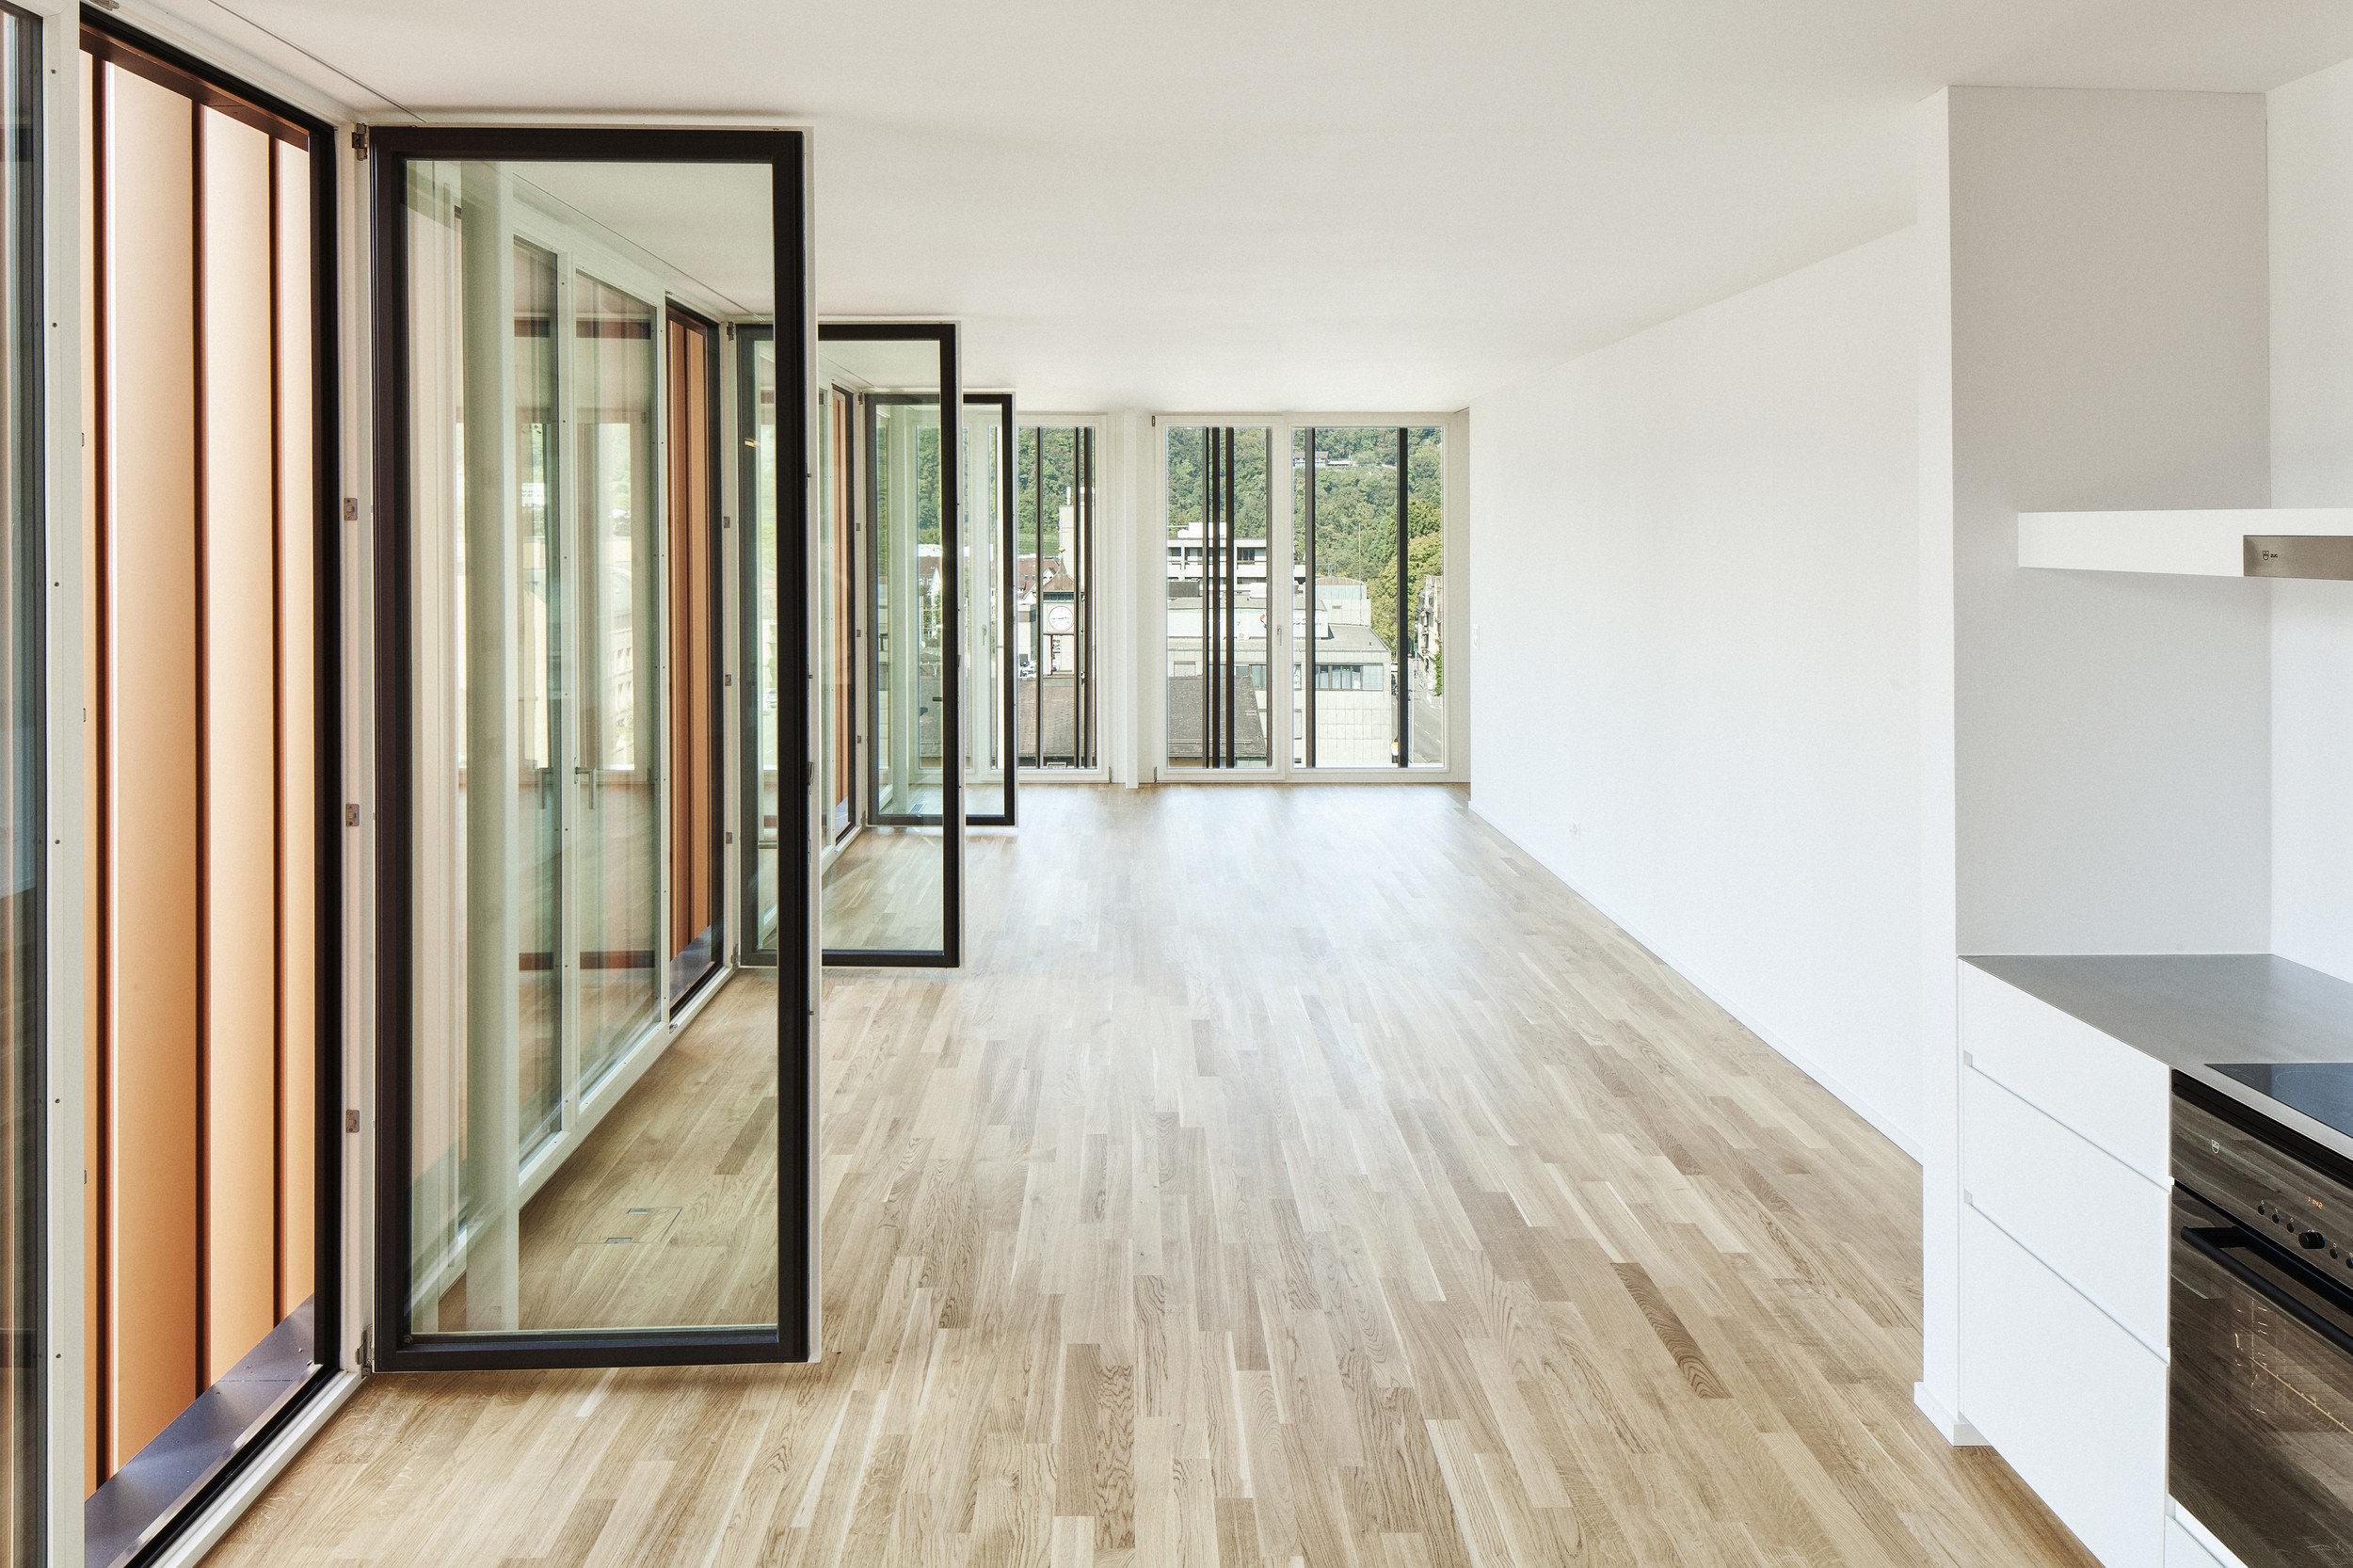 Einflügelfenster zum öffnen in Holz-Metallkonstruktion von innen